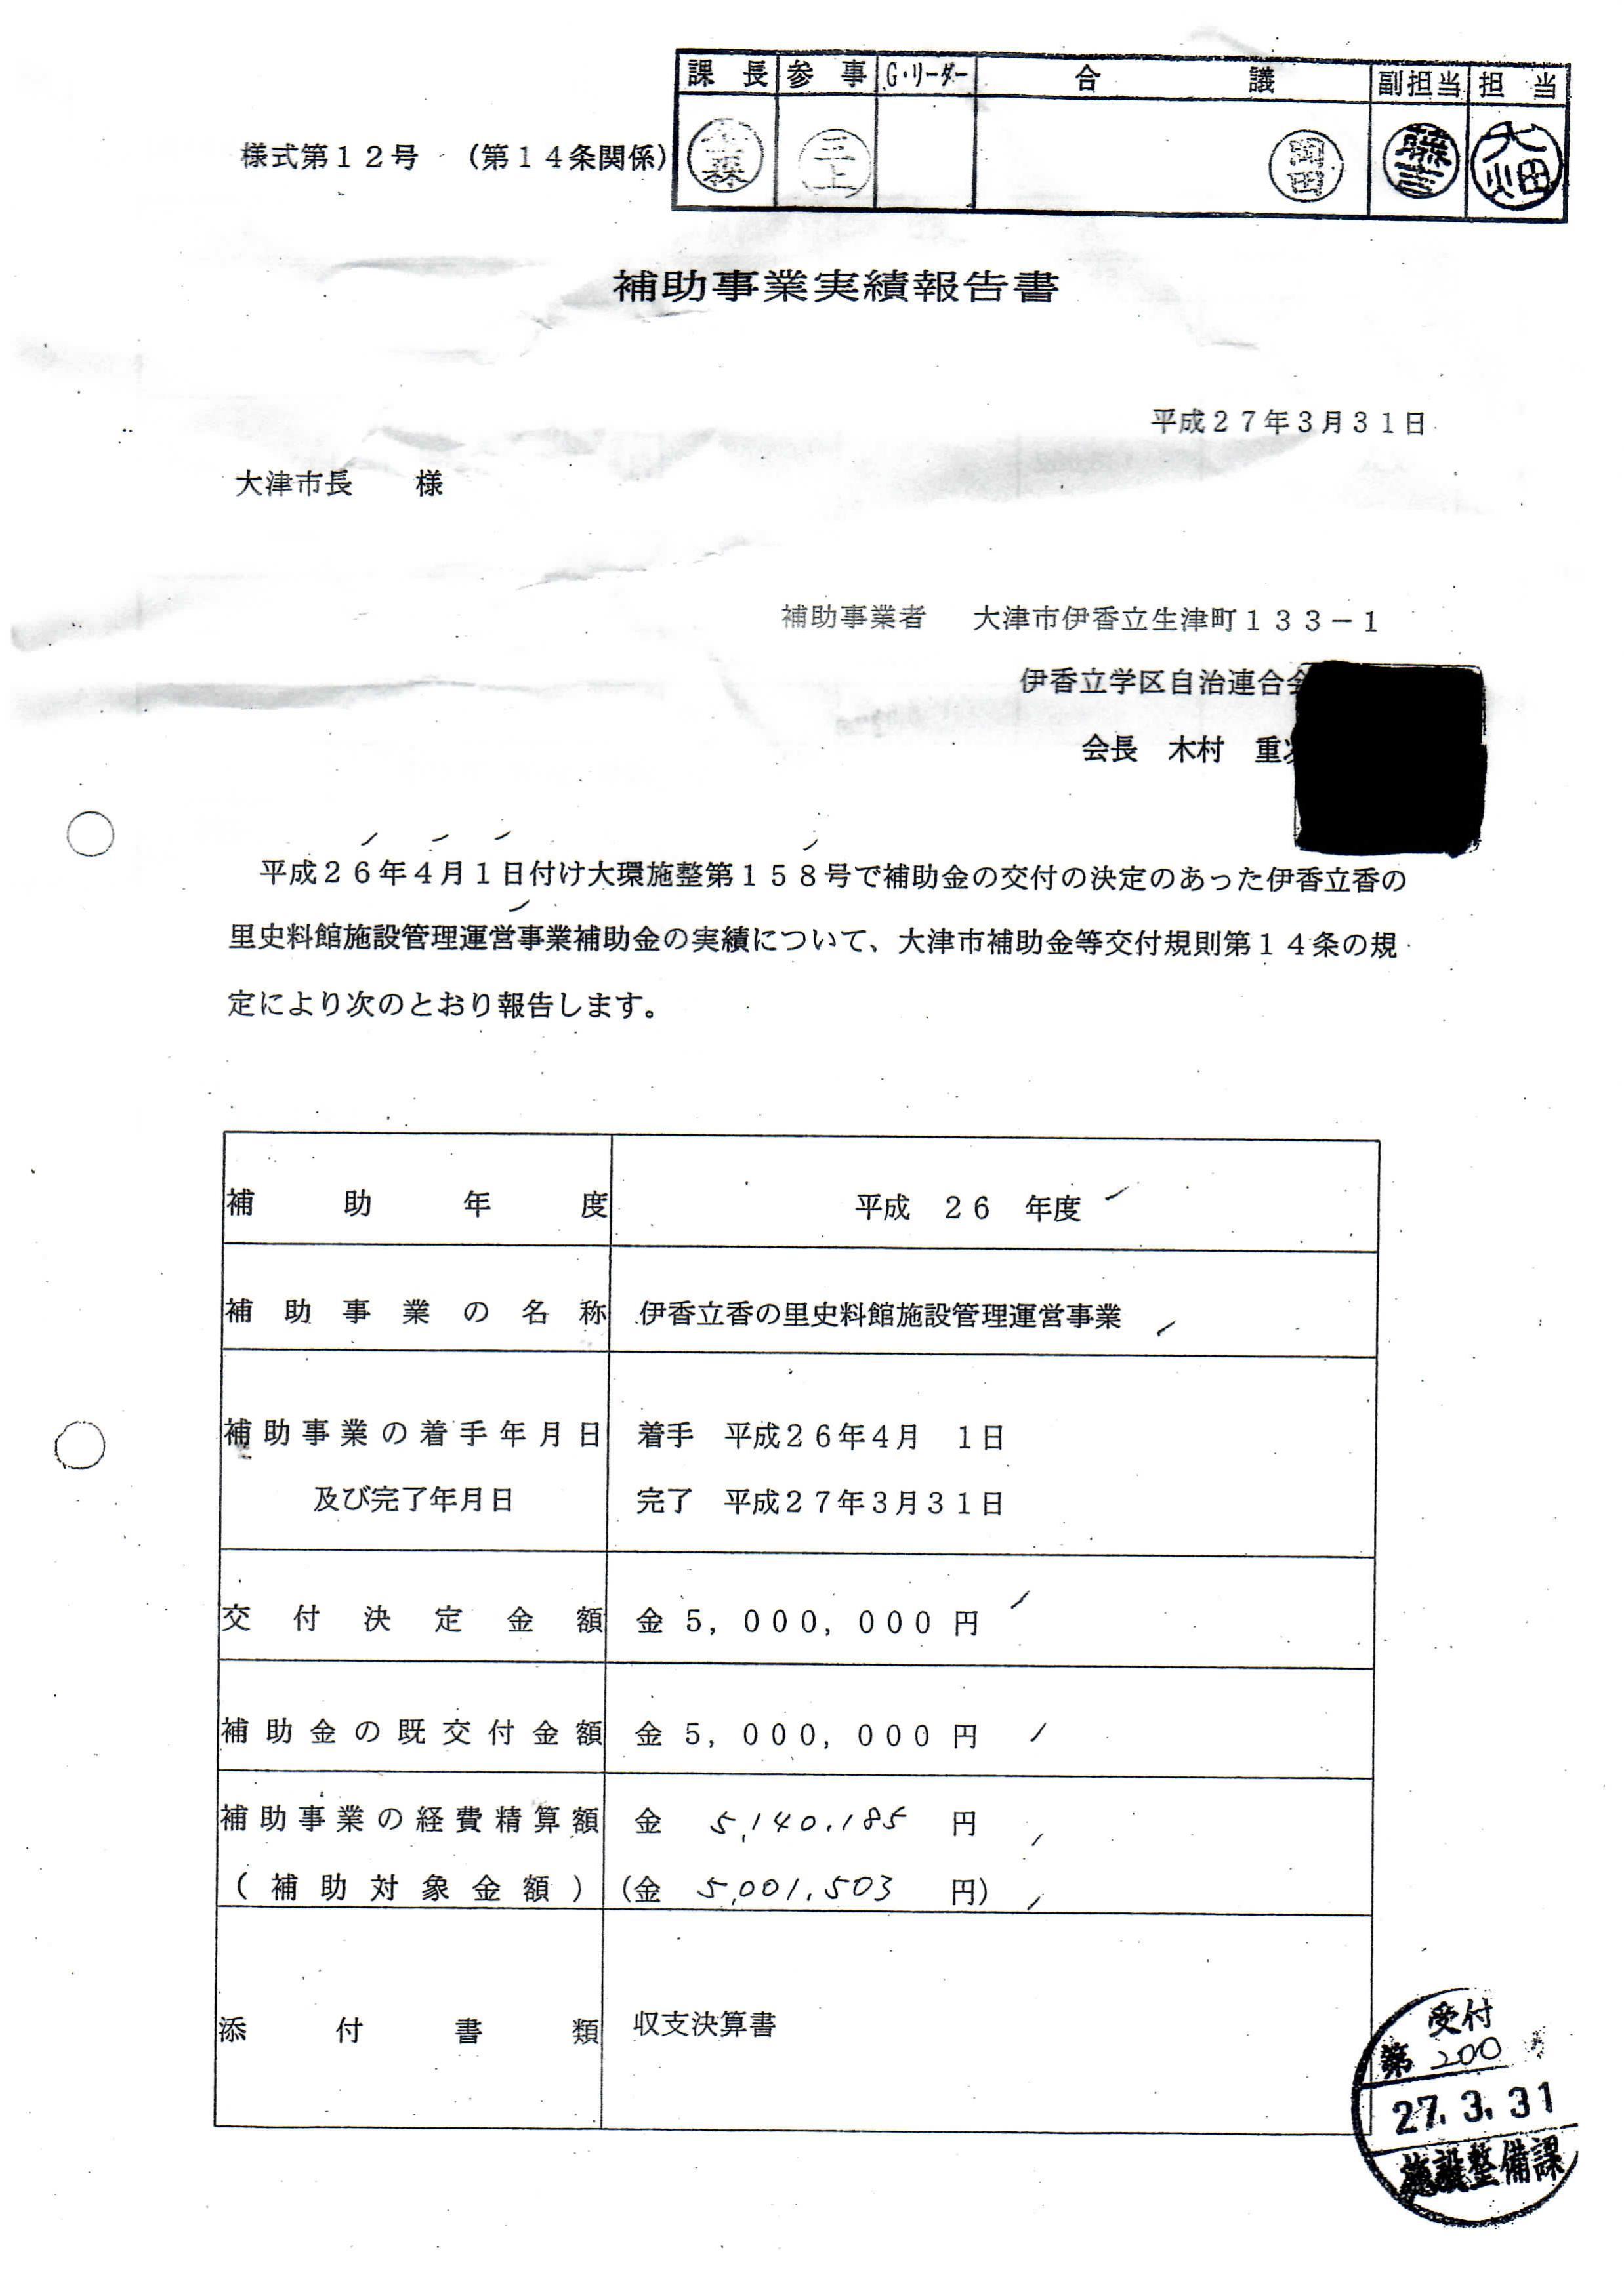 大津市地区環境整備事業実績報告書(香の里史料館)_02